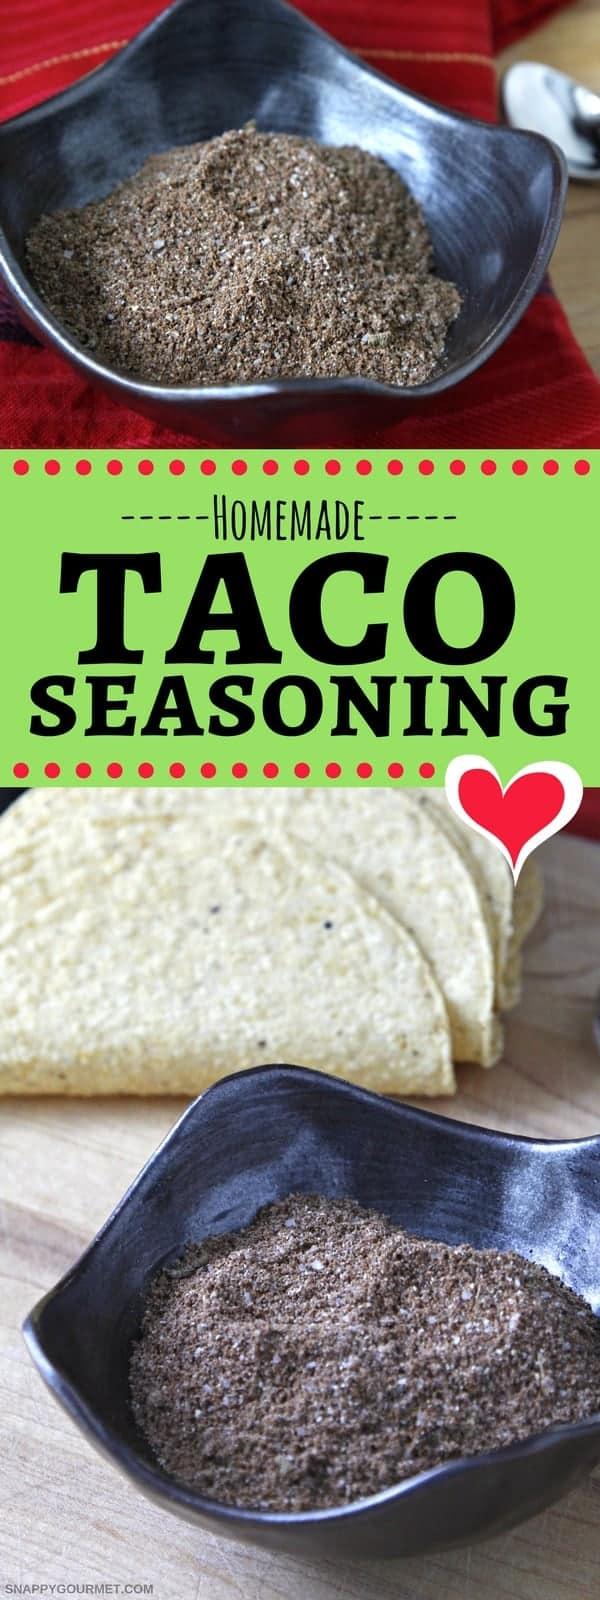 Homemade Taco Seasoning Recipe - DIY taco seasoning to make at home